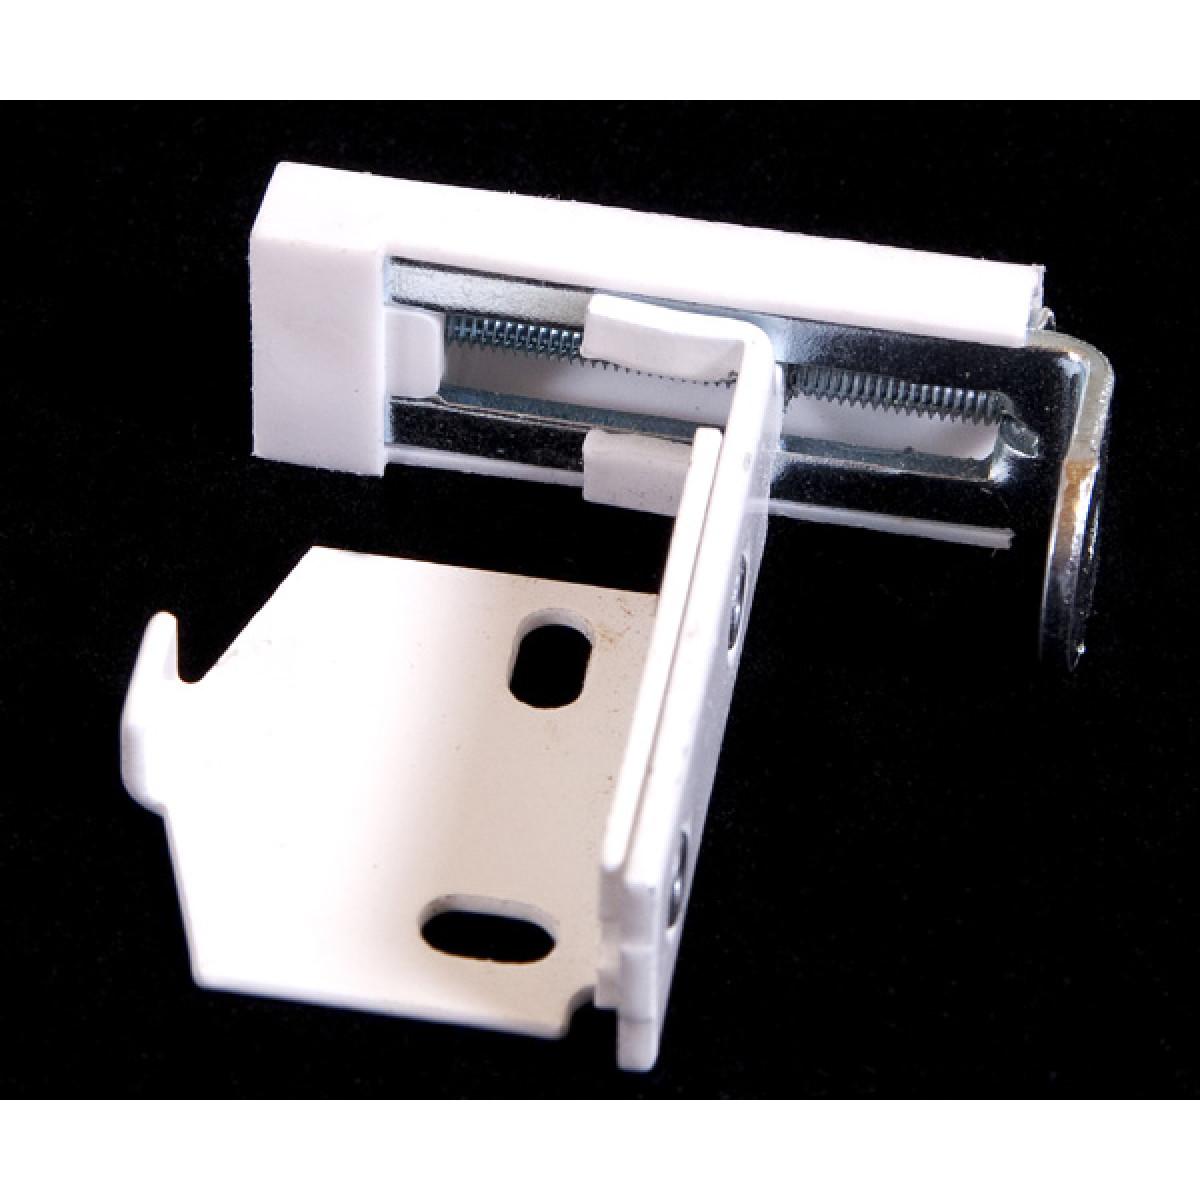 Ultramoderne Rullegardin beslag til plastvinduer - Klemmebeslag RY-49